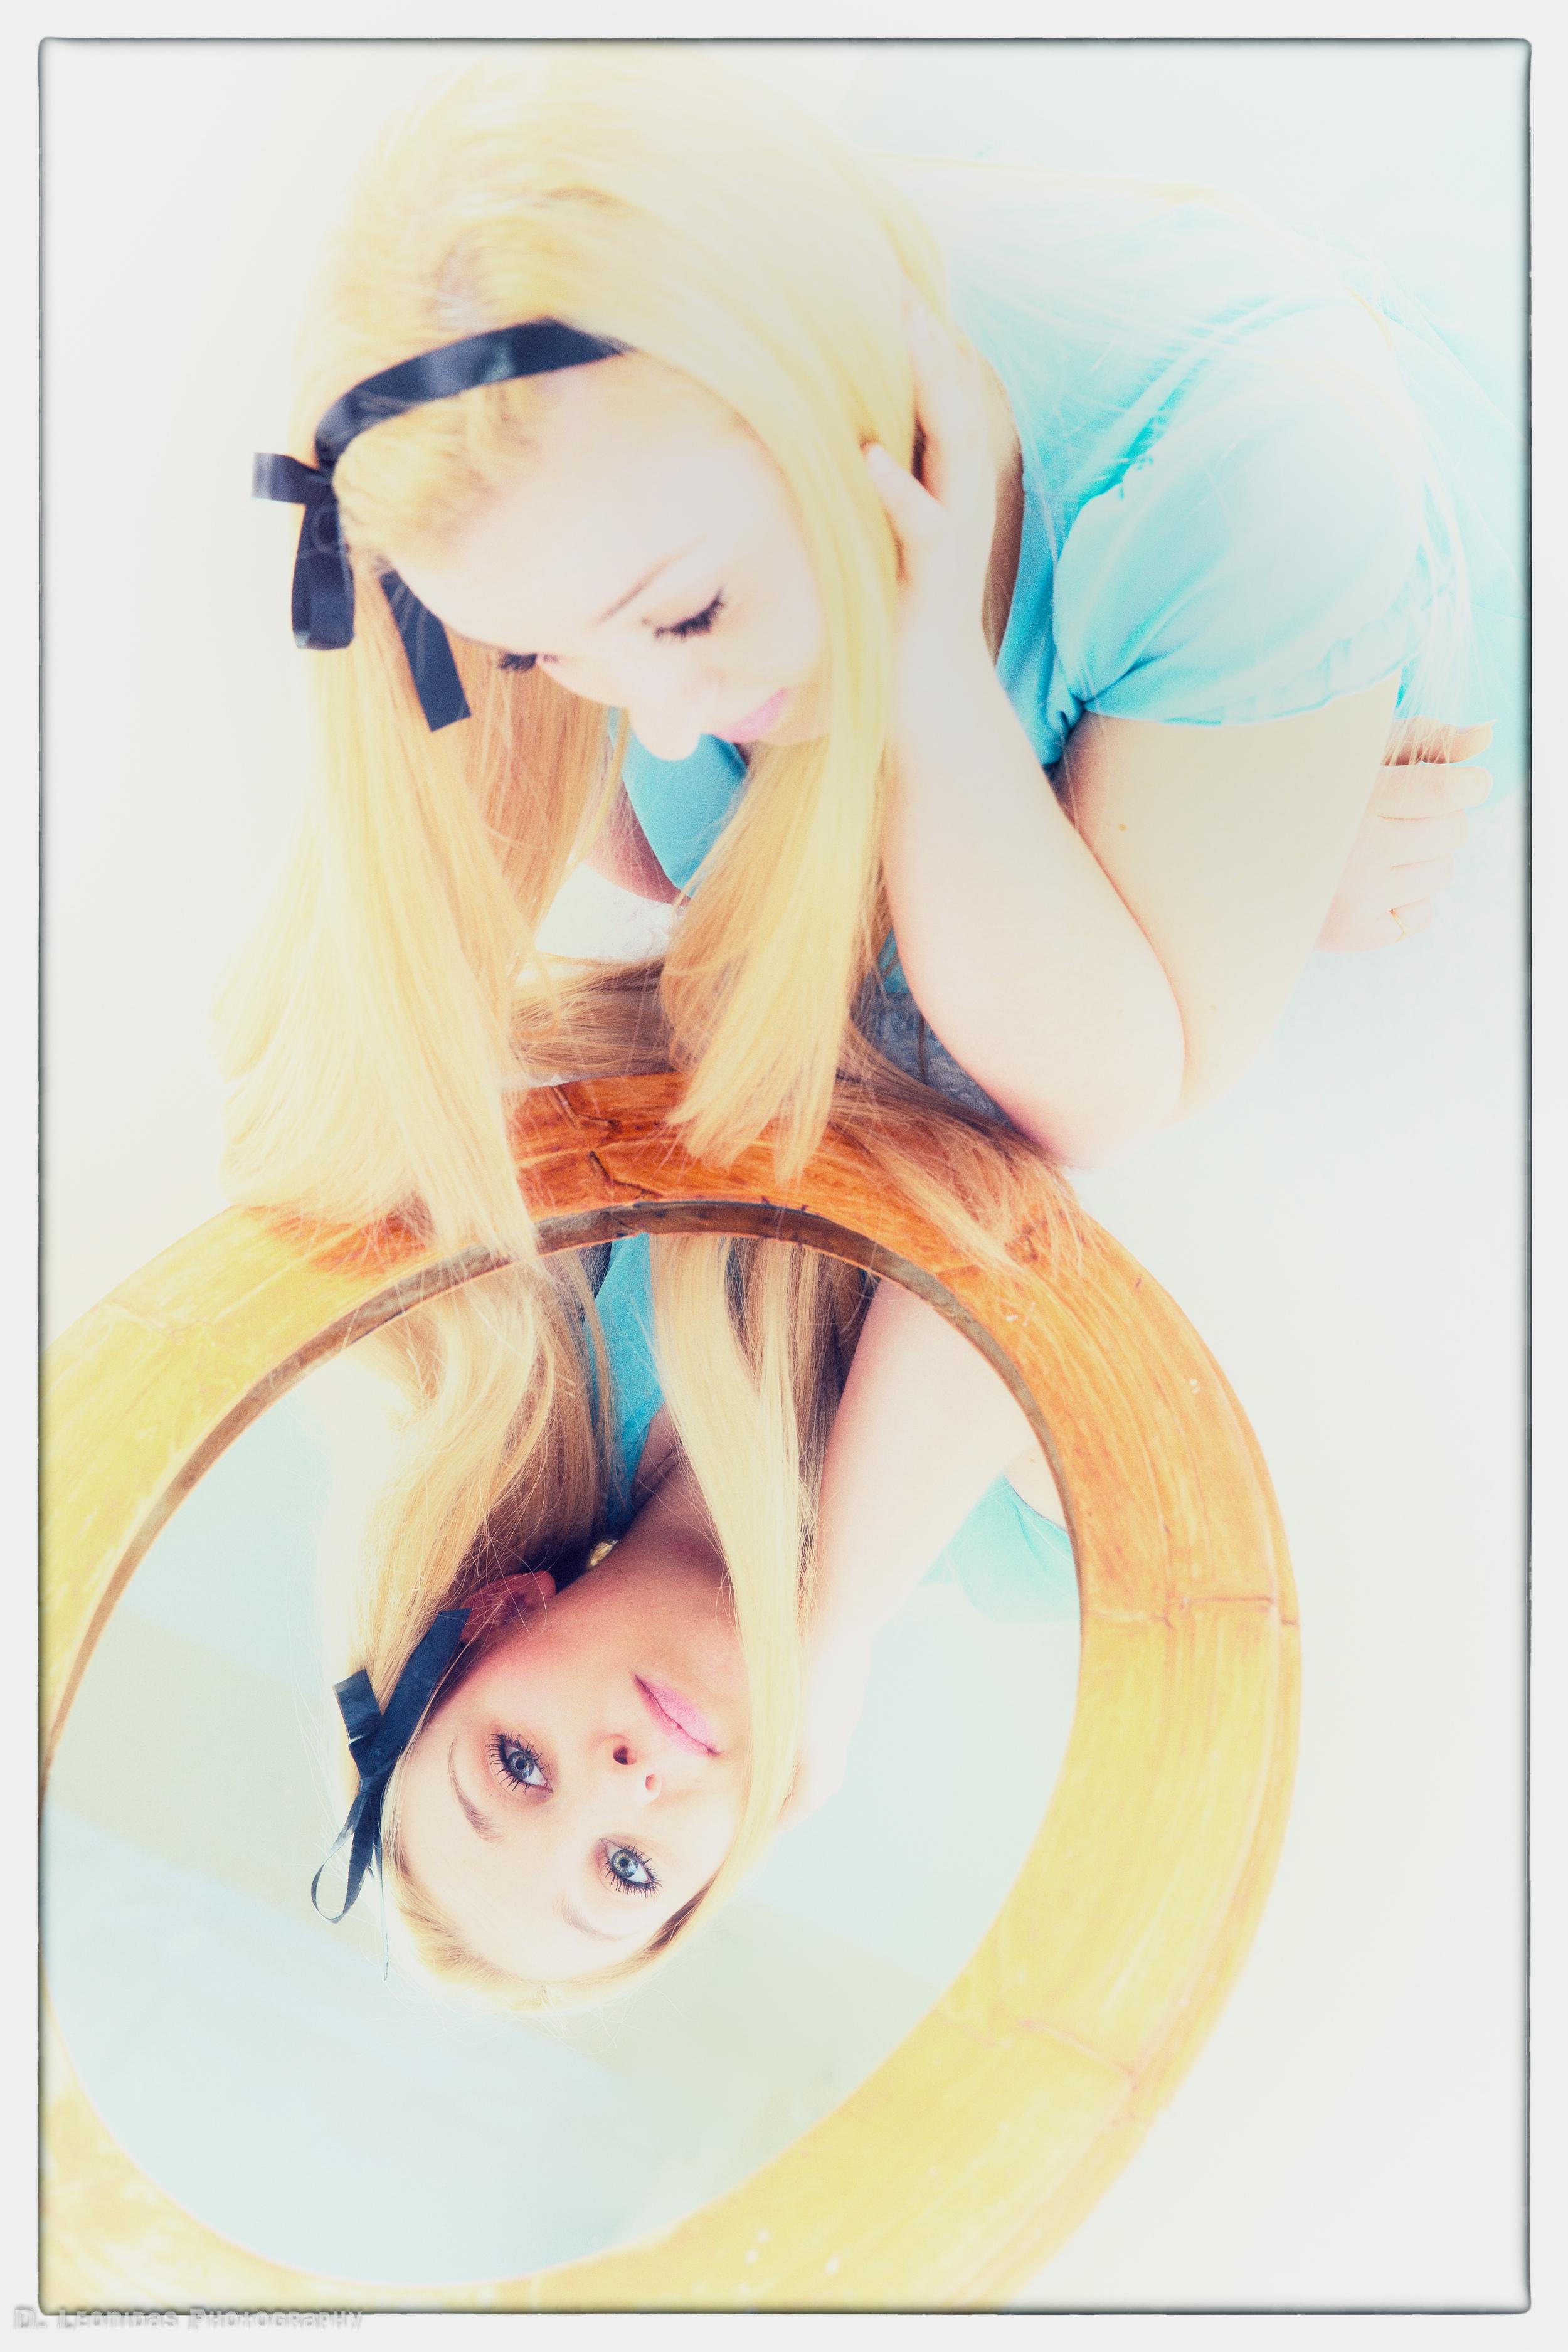 00277_April 23, 2015_Alice in Wonderland-Edit.jpg